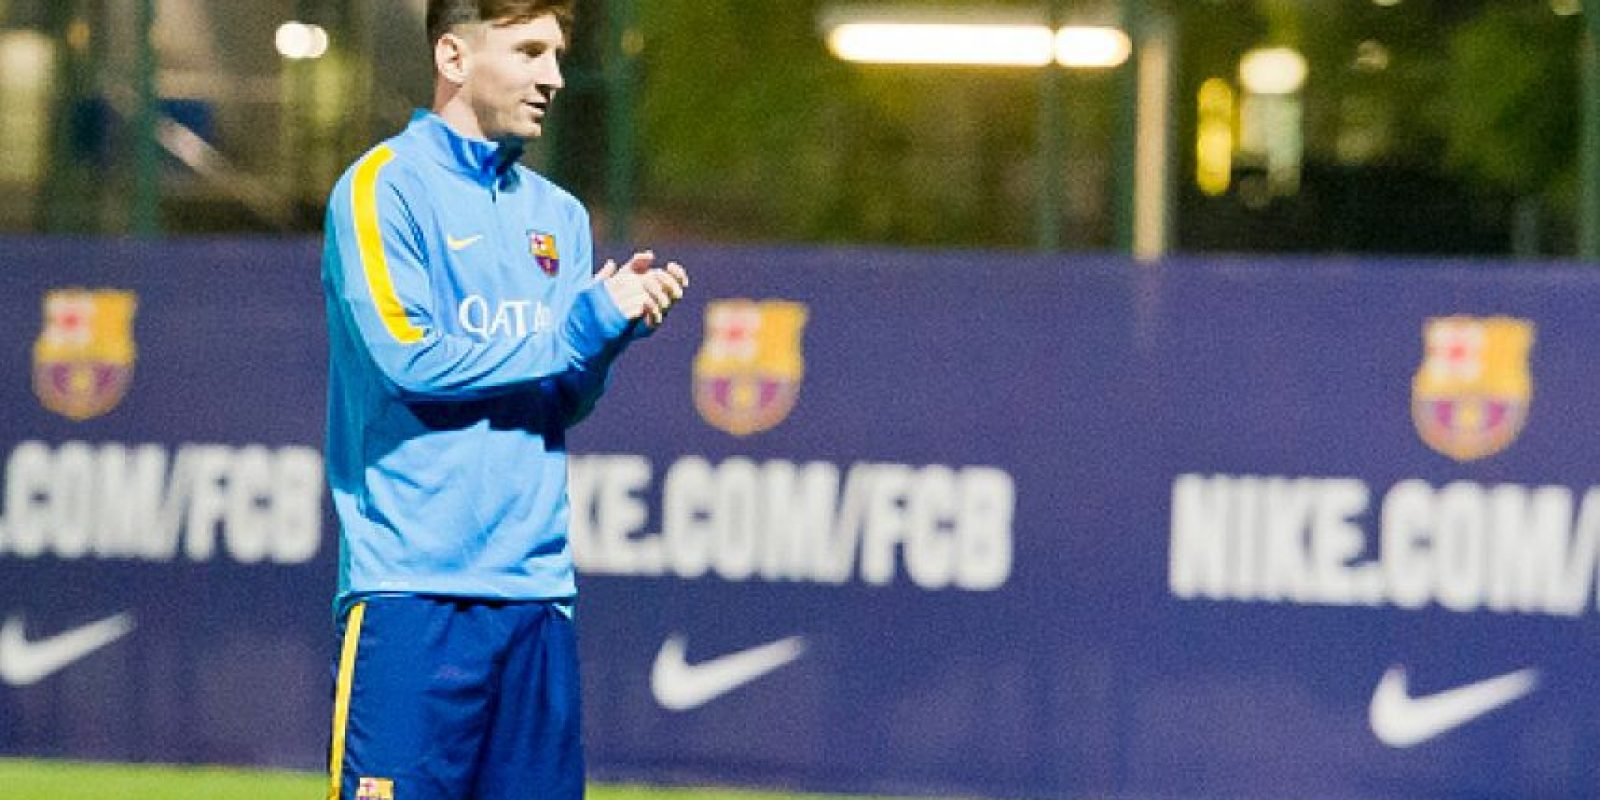 La semana previa al Clásico, Messi sorprendió al aparecer en los entrenamientos del Barcelona. Foto:Getty Images